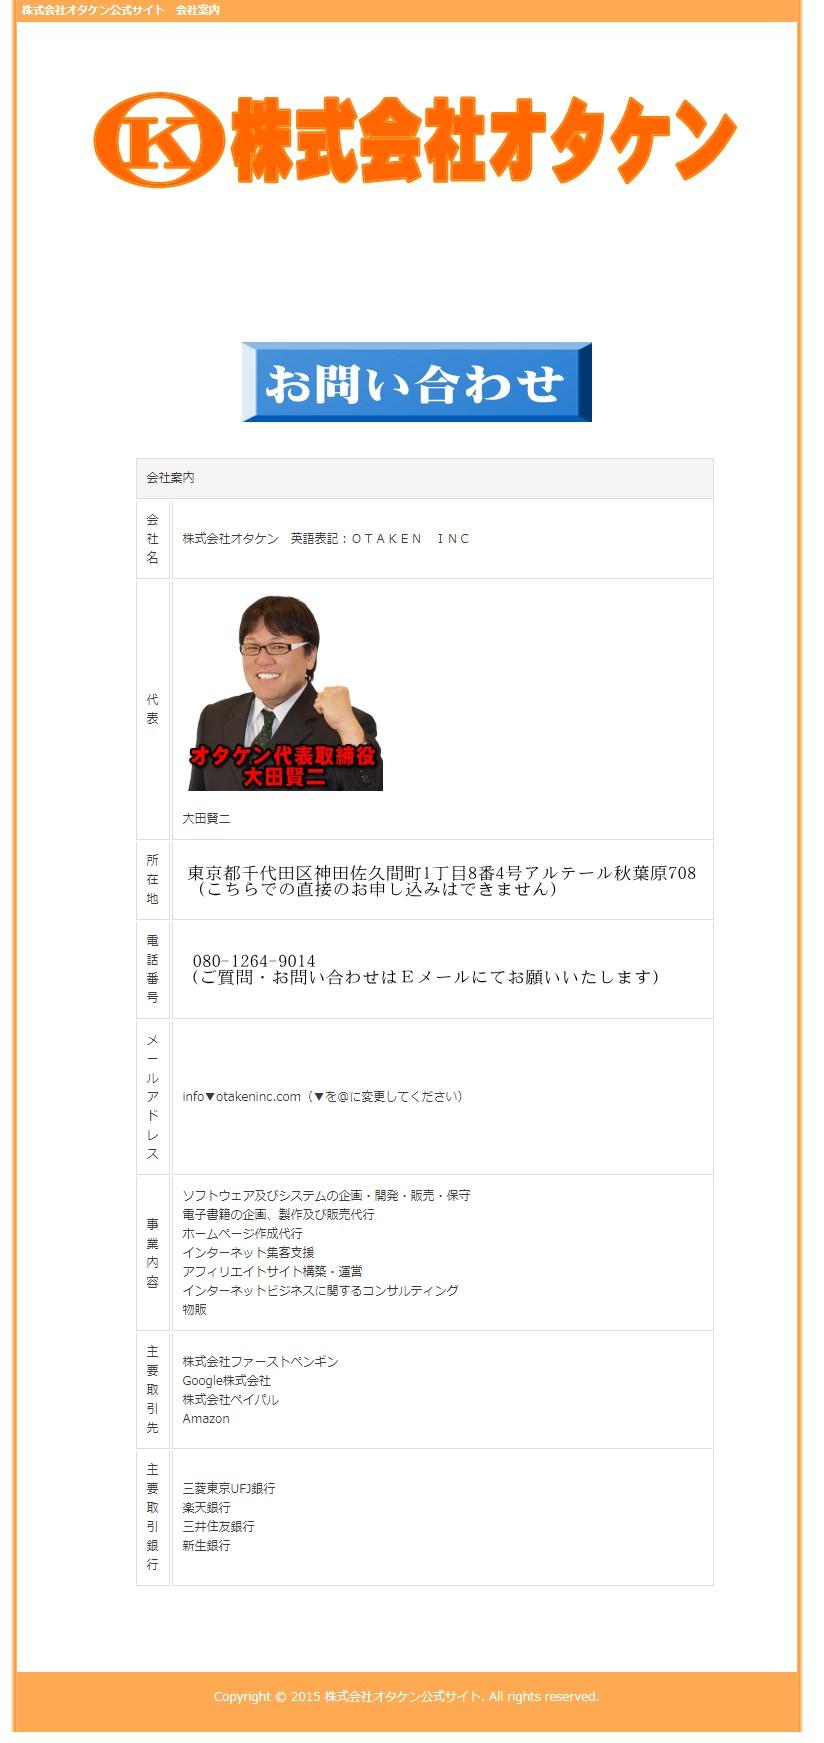 株式会社オタケン